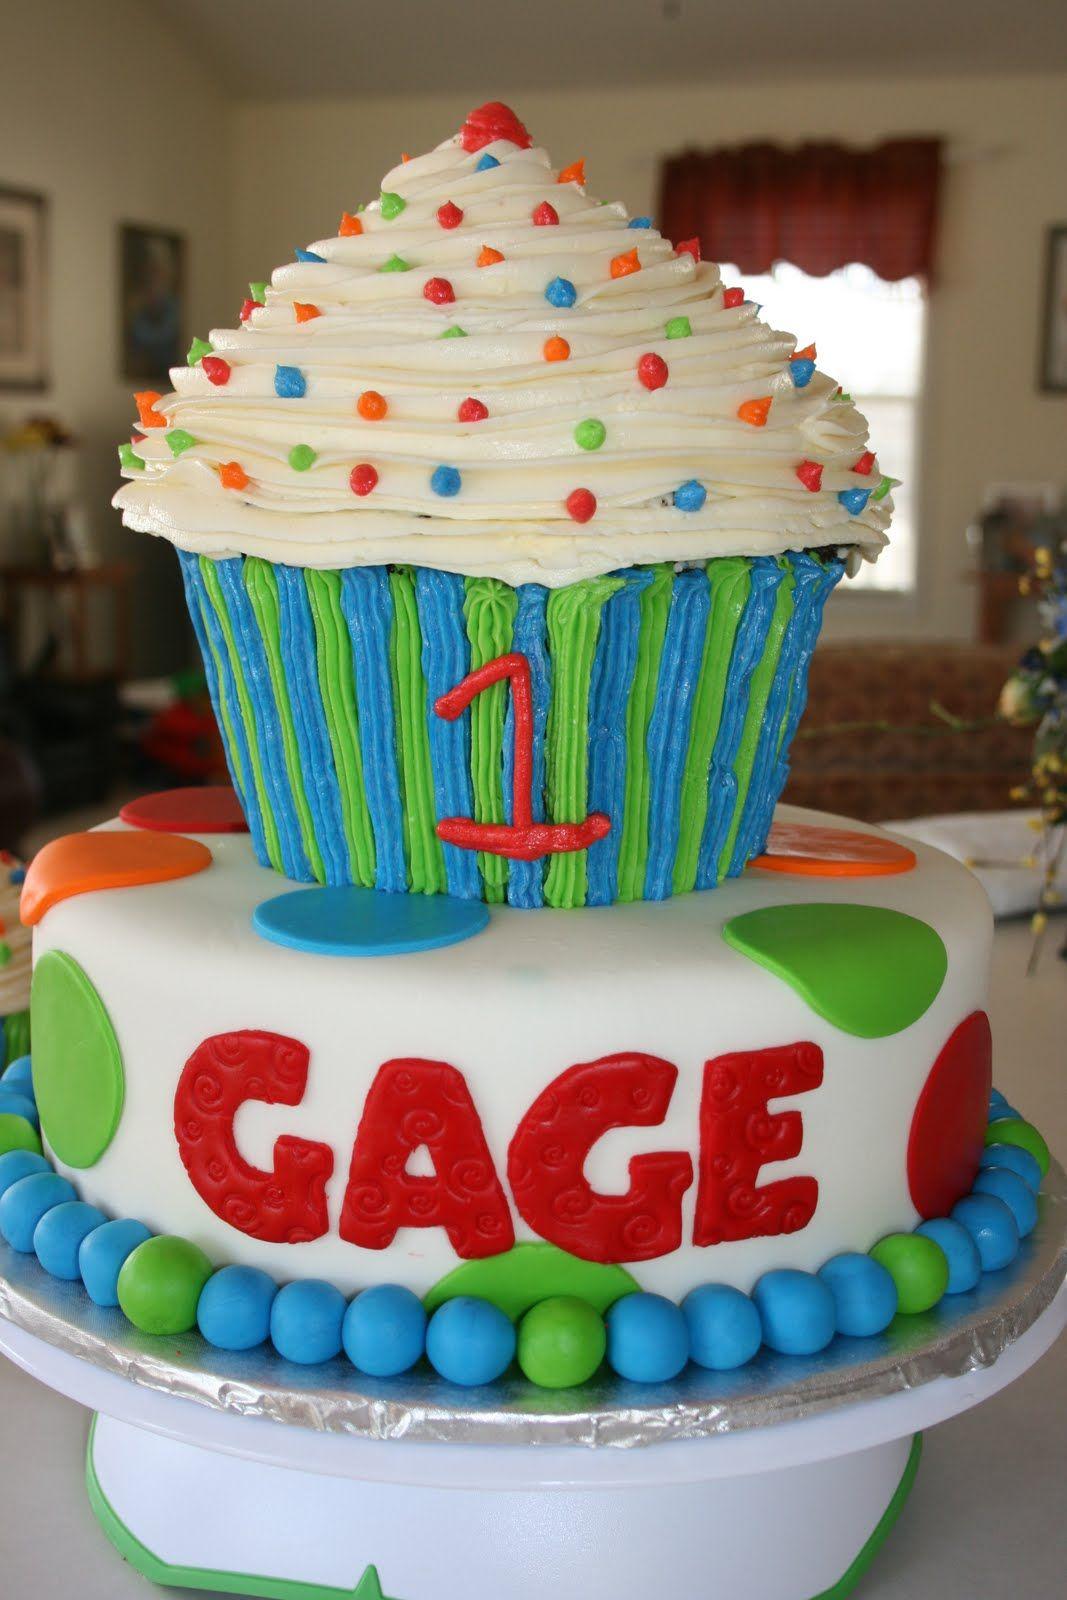 birthday cakes for boys 1st Birthday Cakes for Boys